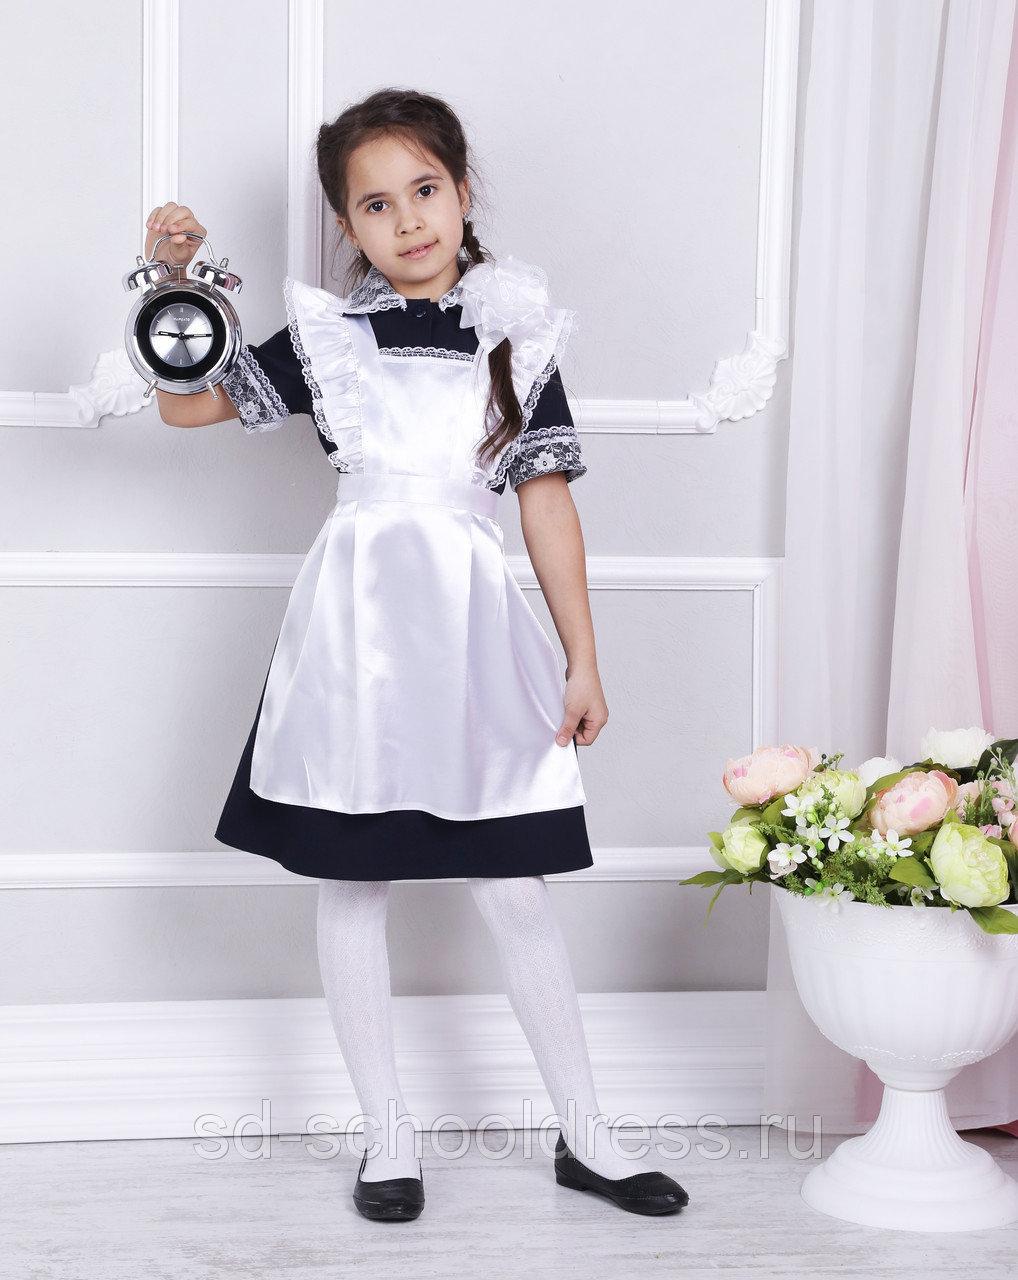 Картинка девочка в школьной форме ссср